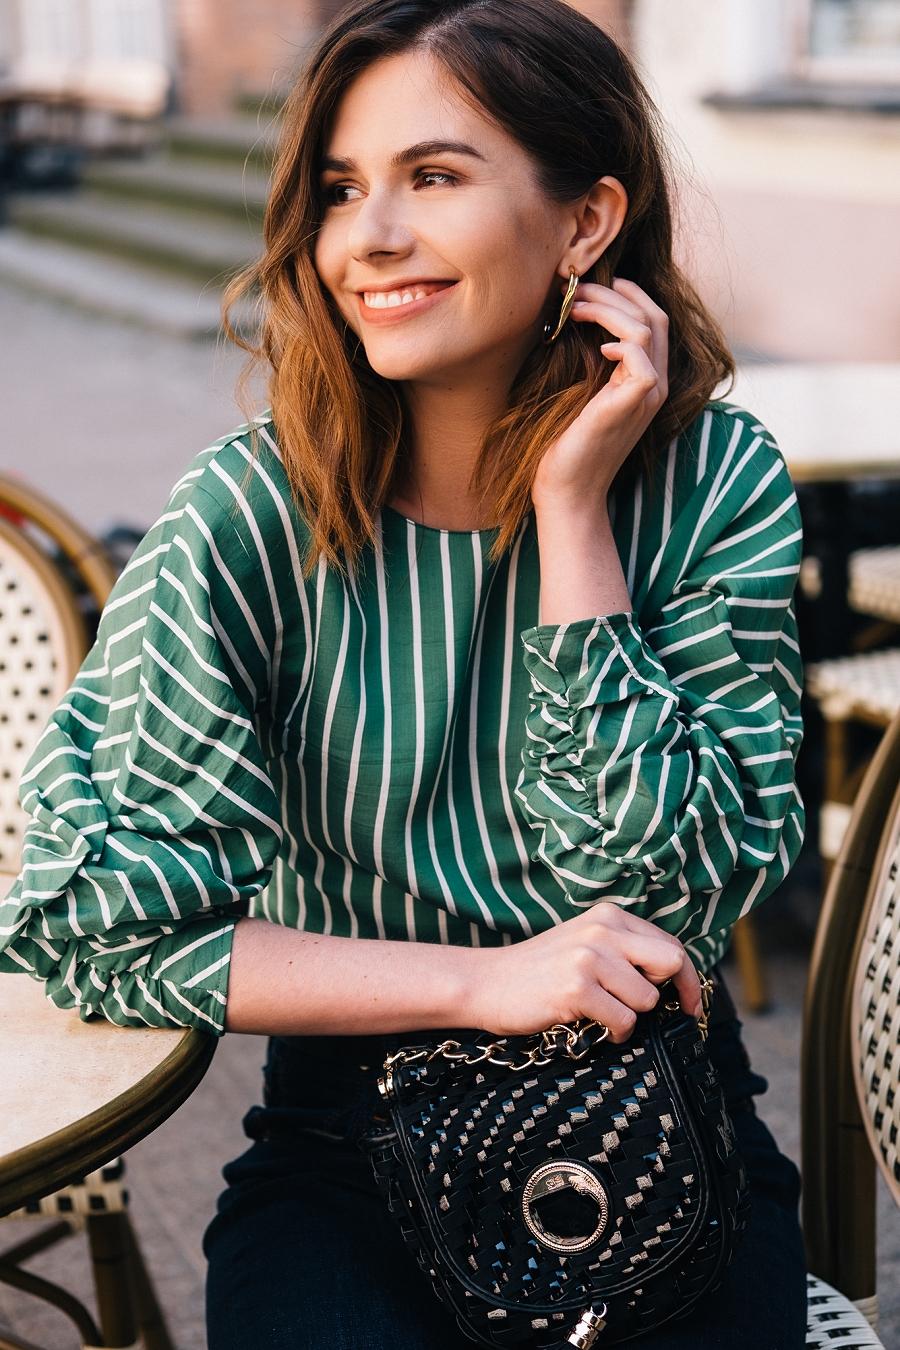 Style Guide Answear.com - klasyczne jeansy wysoki stan, pleciona torebka i zielona bluzka w pionowe paski